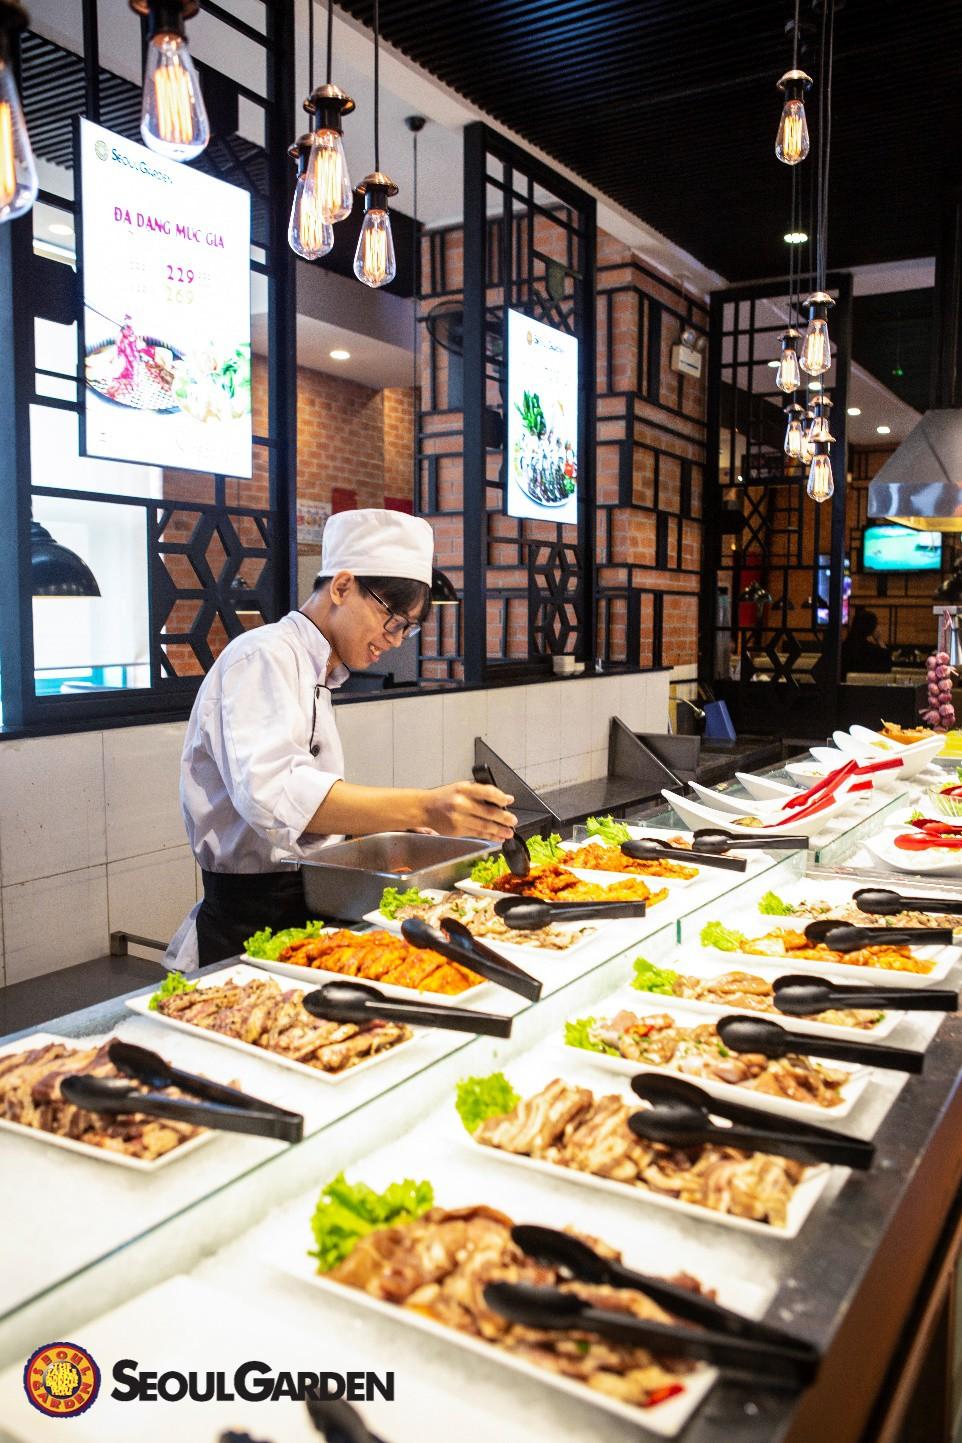 200 món ngon châu Á và 5 lí do to đùng khiến bạn nhất định phải đến Seoul Garden - Ảnh 3.